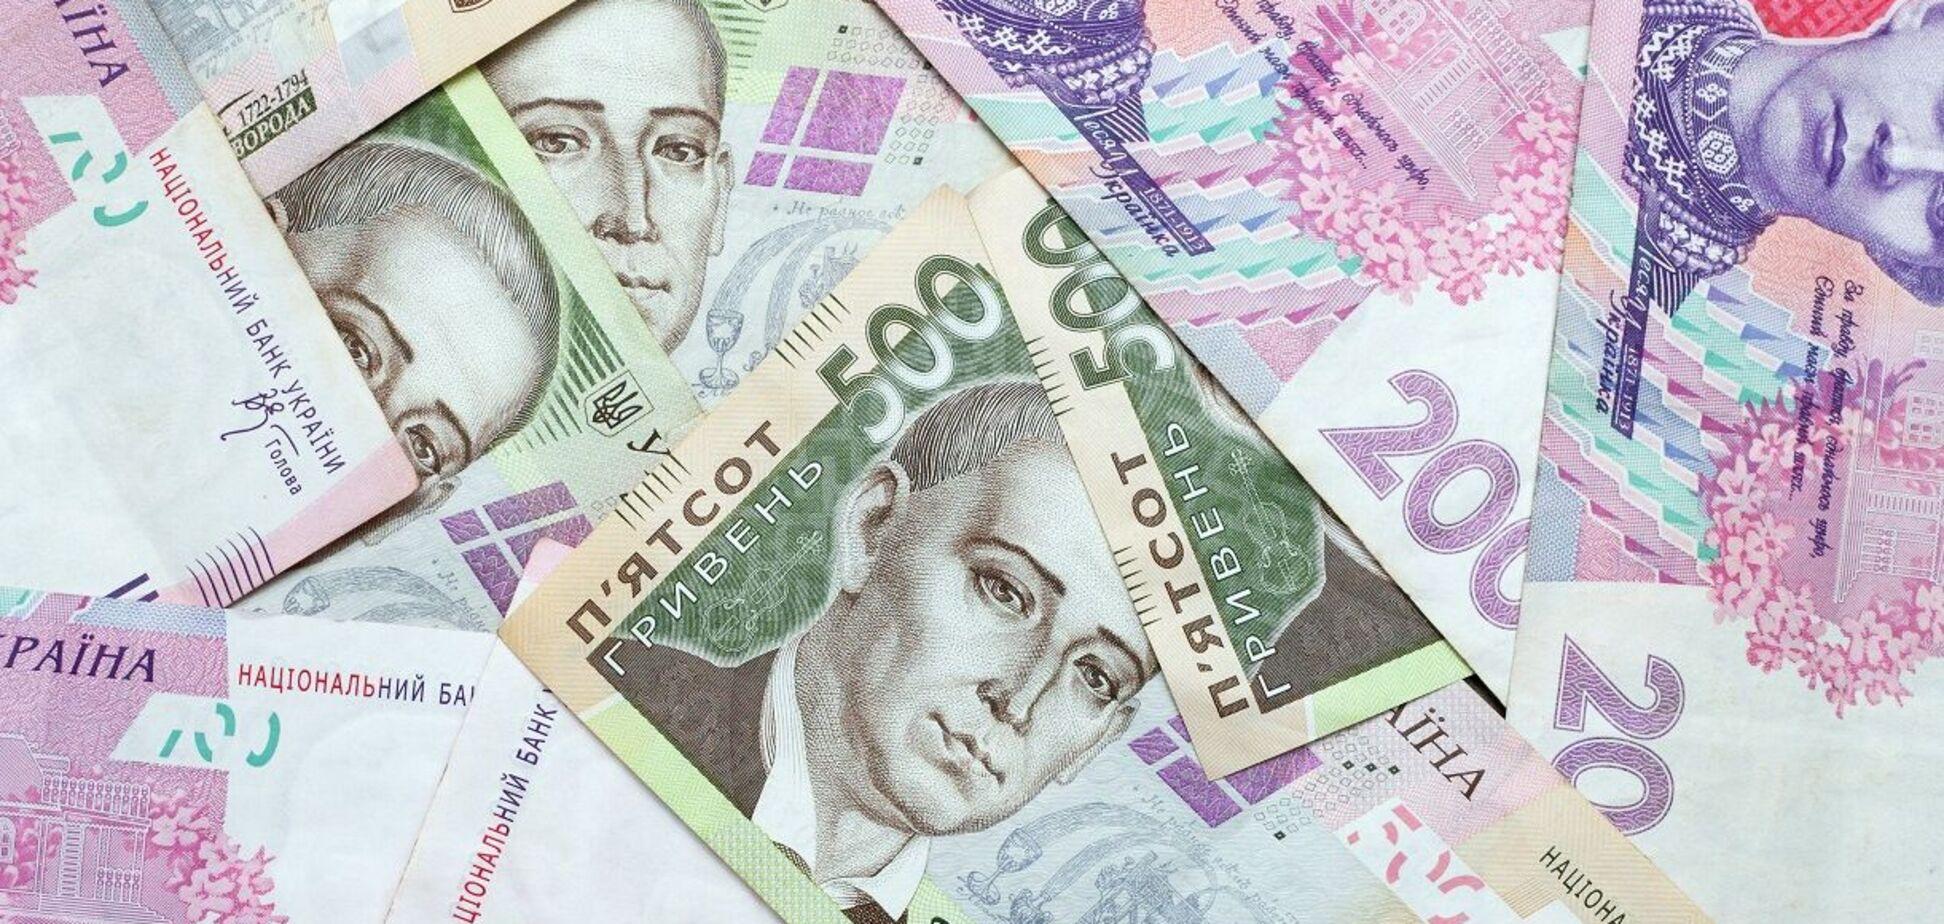 Украинцам пересчитали зарплаты: озвучен средний размер